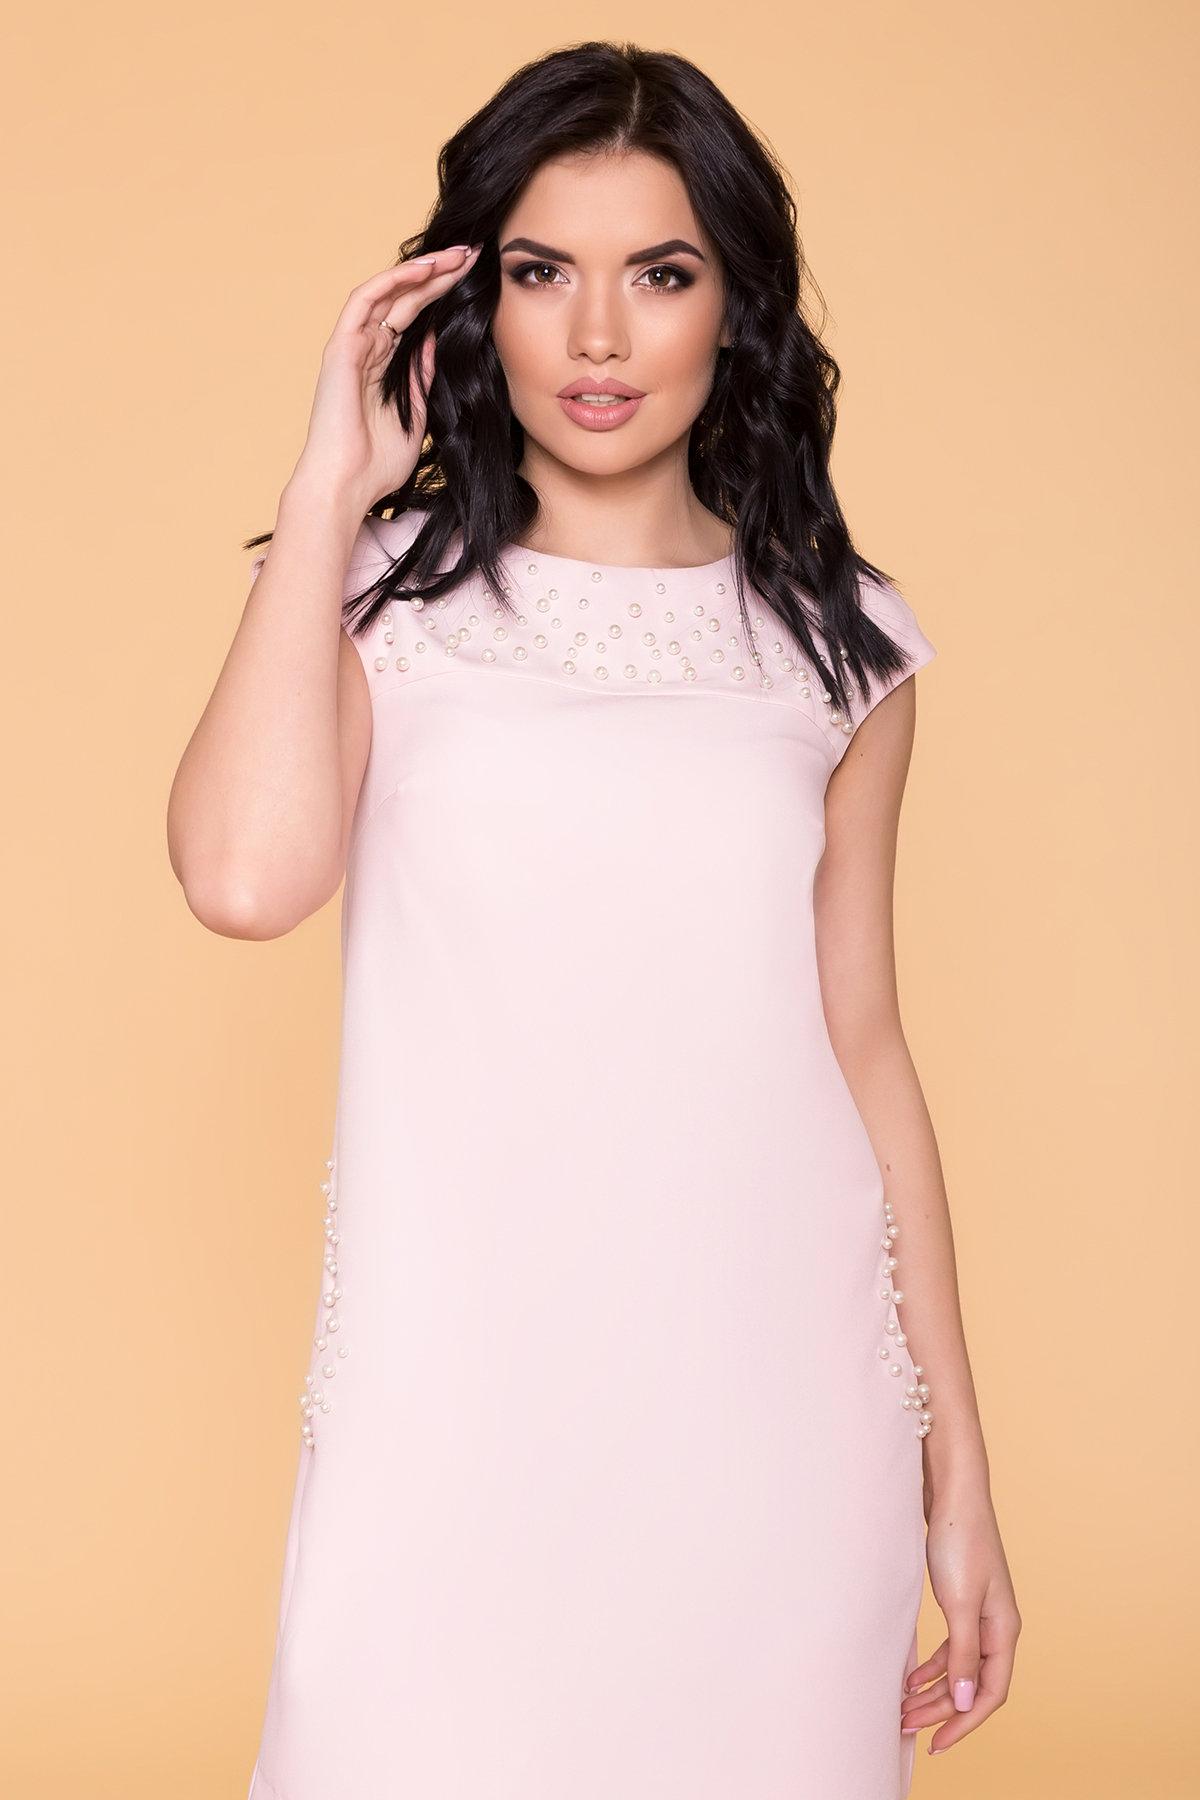 Платье с коротким рукавом Мими 4886 АРТ. 41711 Цвет: Пудра светлая 11 - фото 3, интернет магазин tm-modus.ru